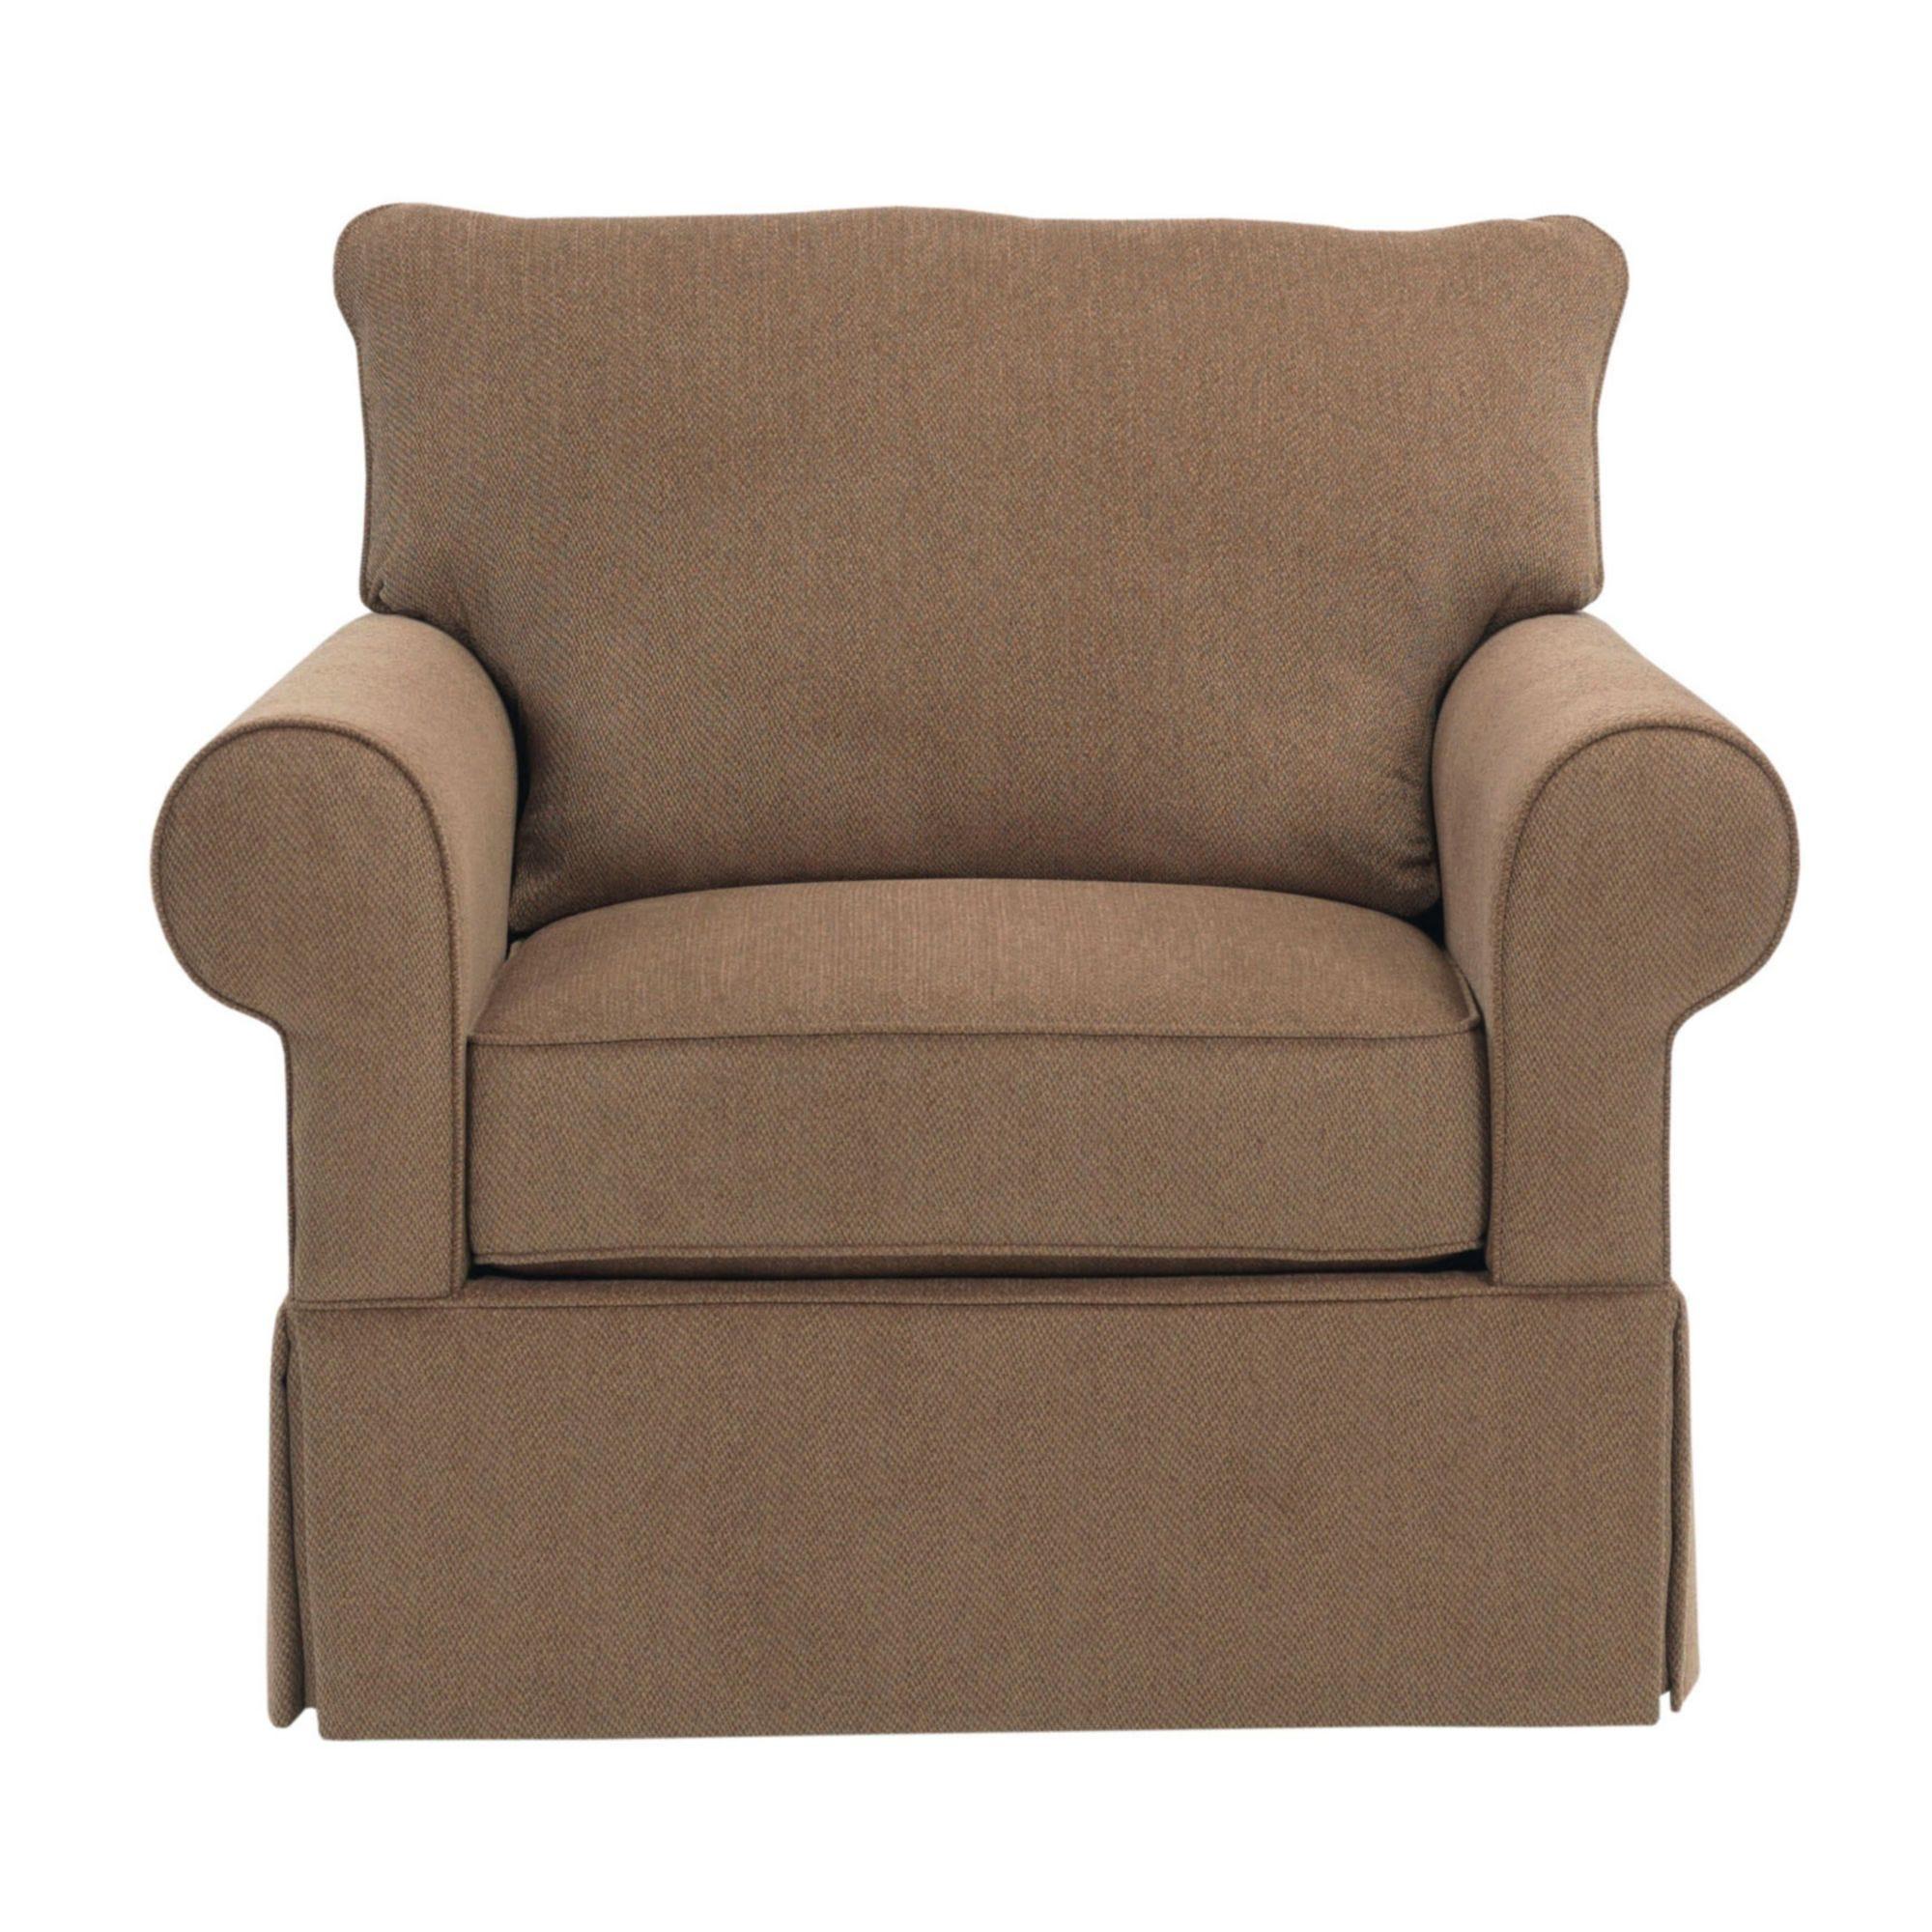 Oversized Chairs US Mattress